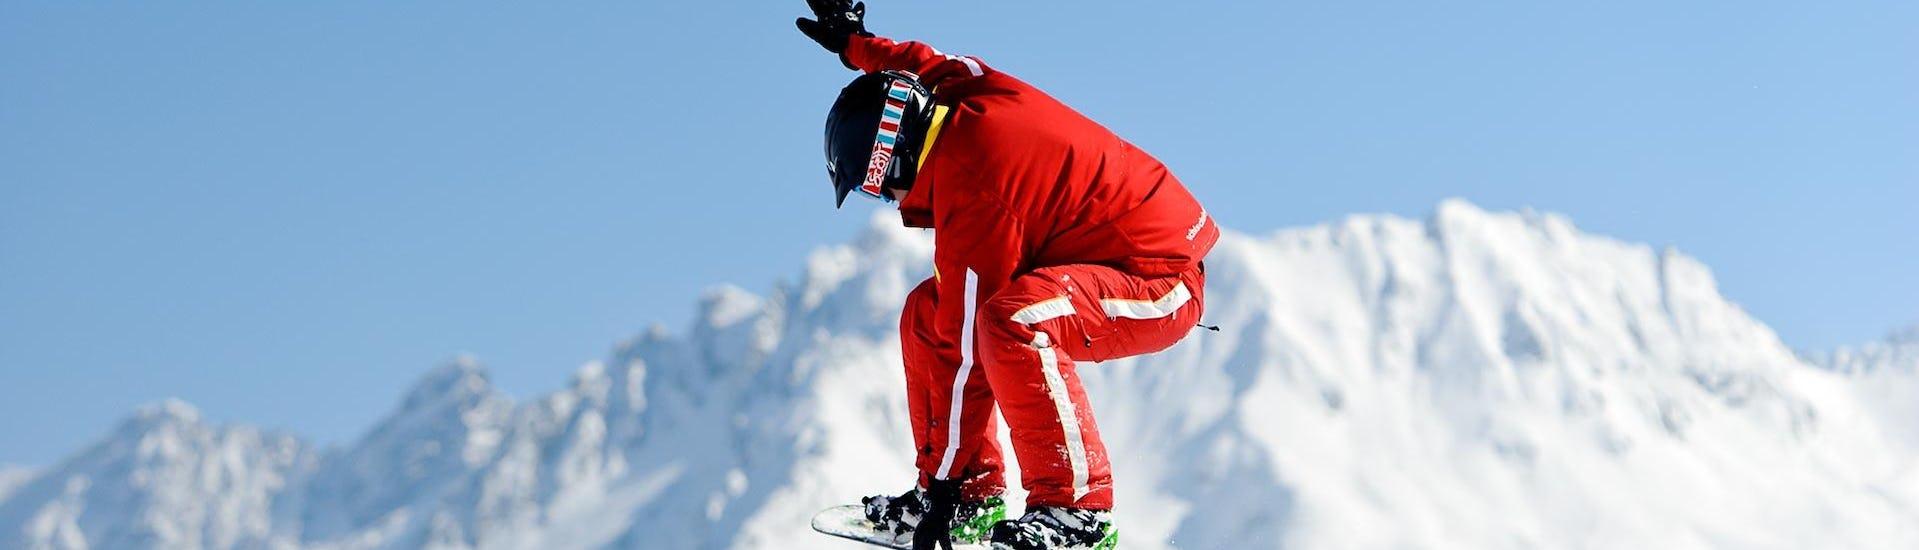 Snowboarfahrer springt auf Piste im Snowboardkurs für Kinder & Erwachsene - Fortgeschritten